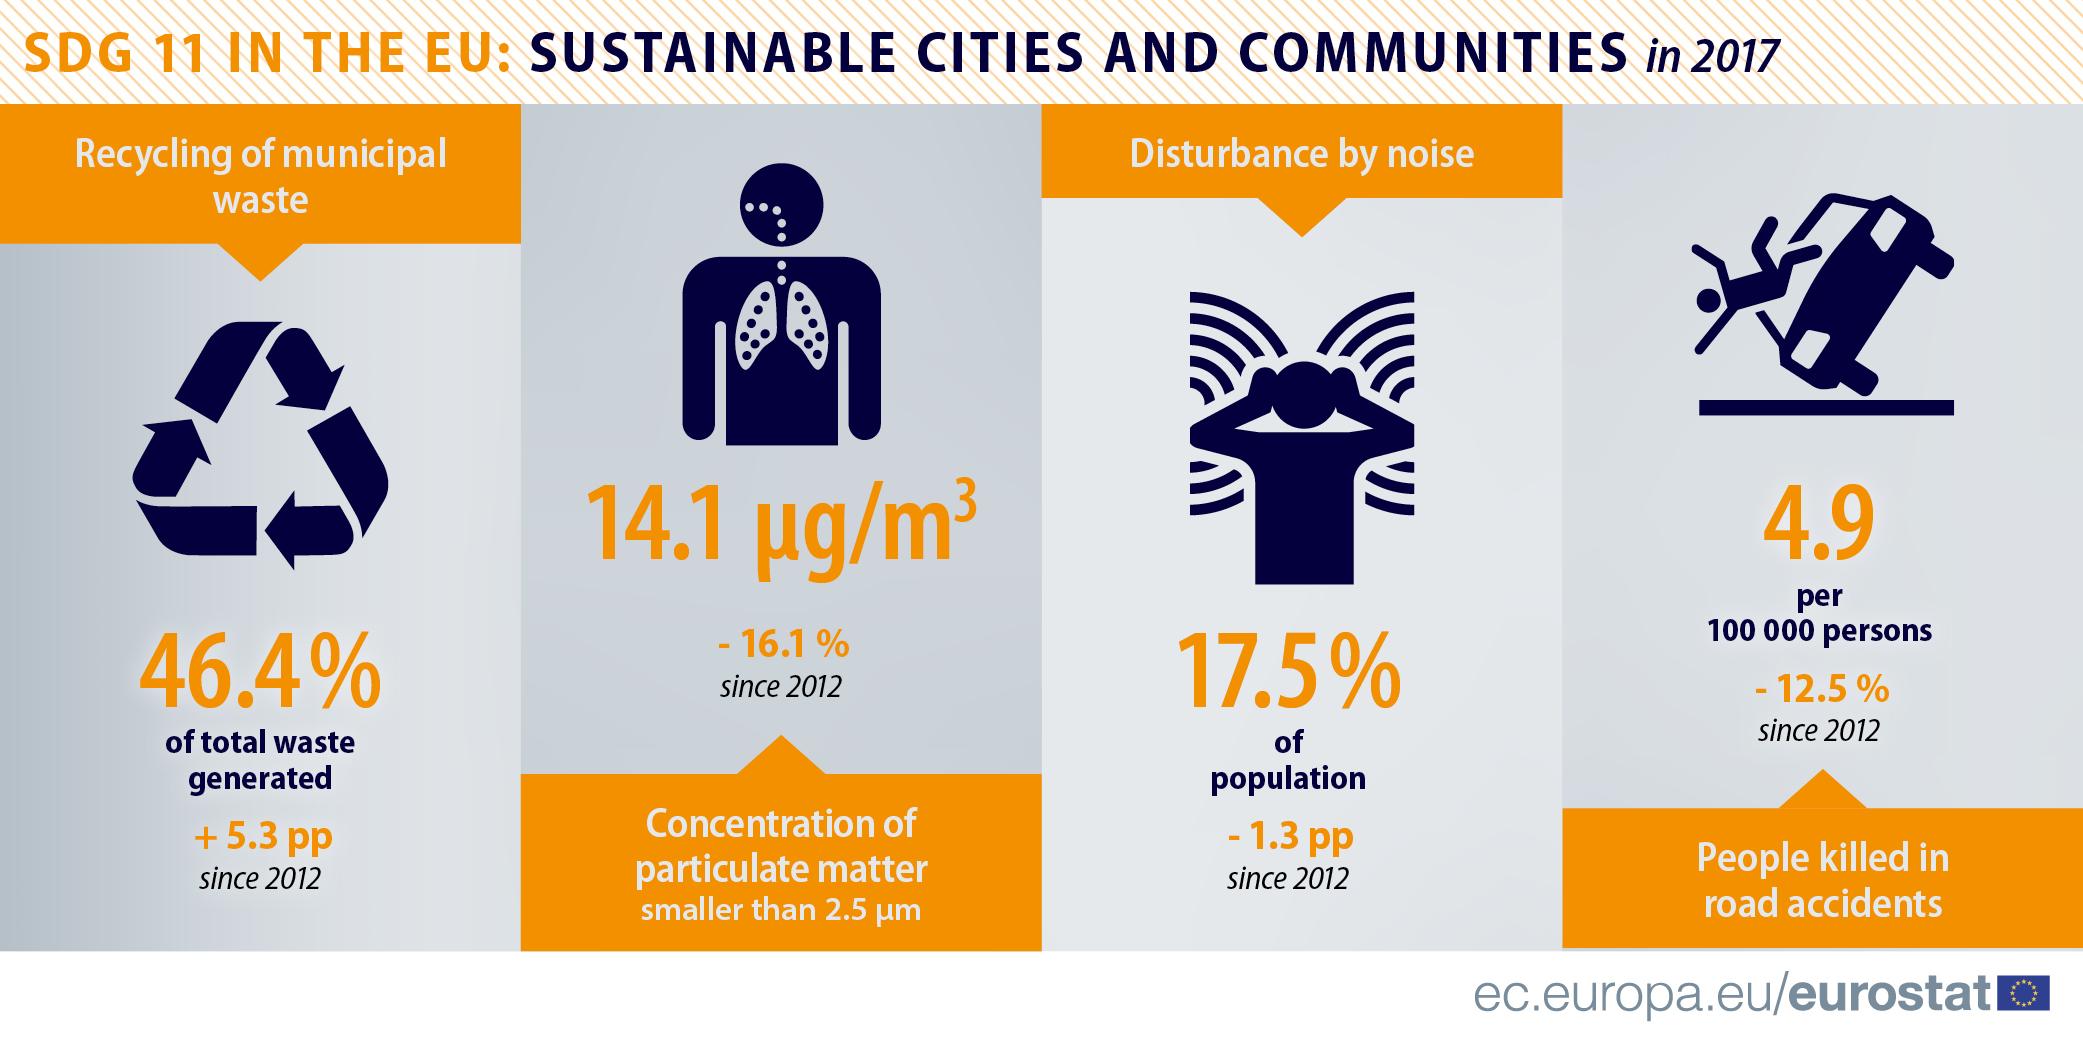 SDG11 infographic EU